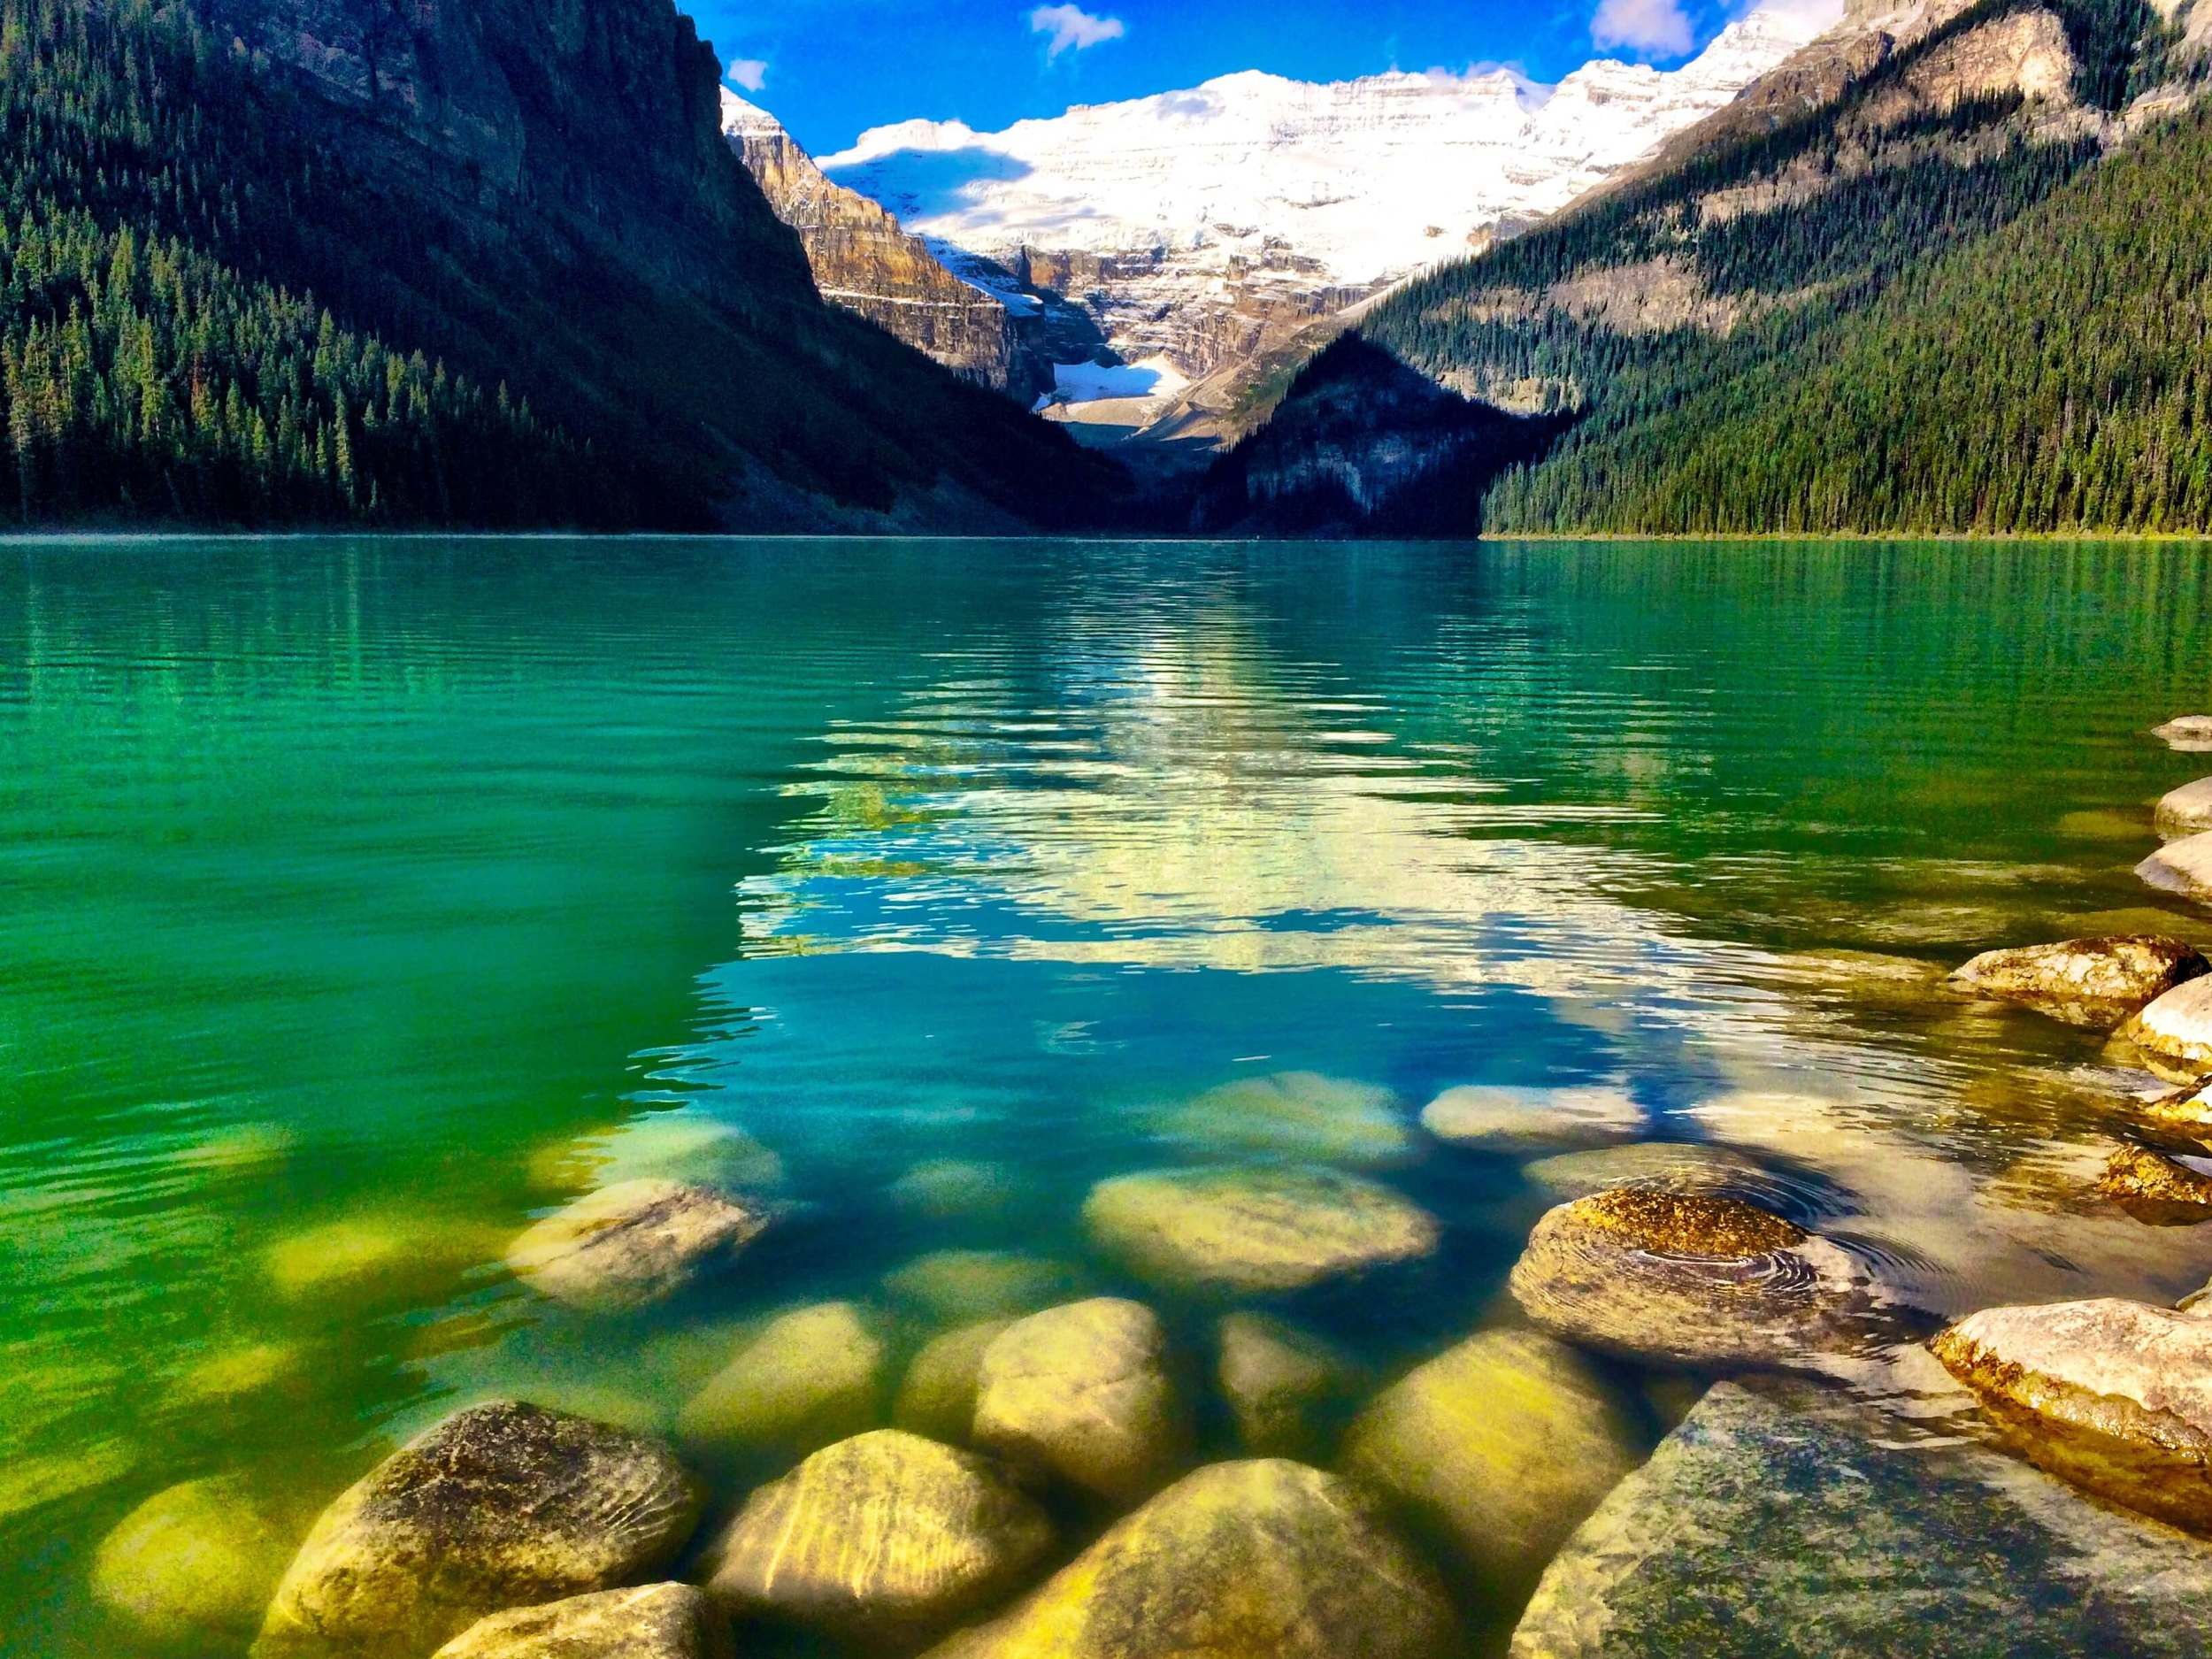 Lake Louise, Canada, September 2014